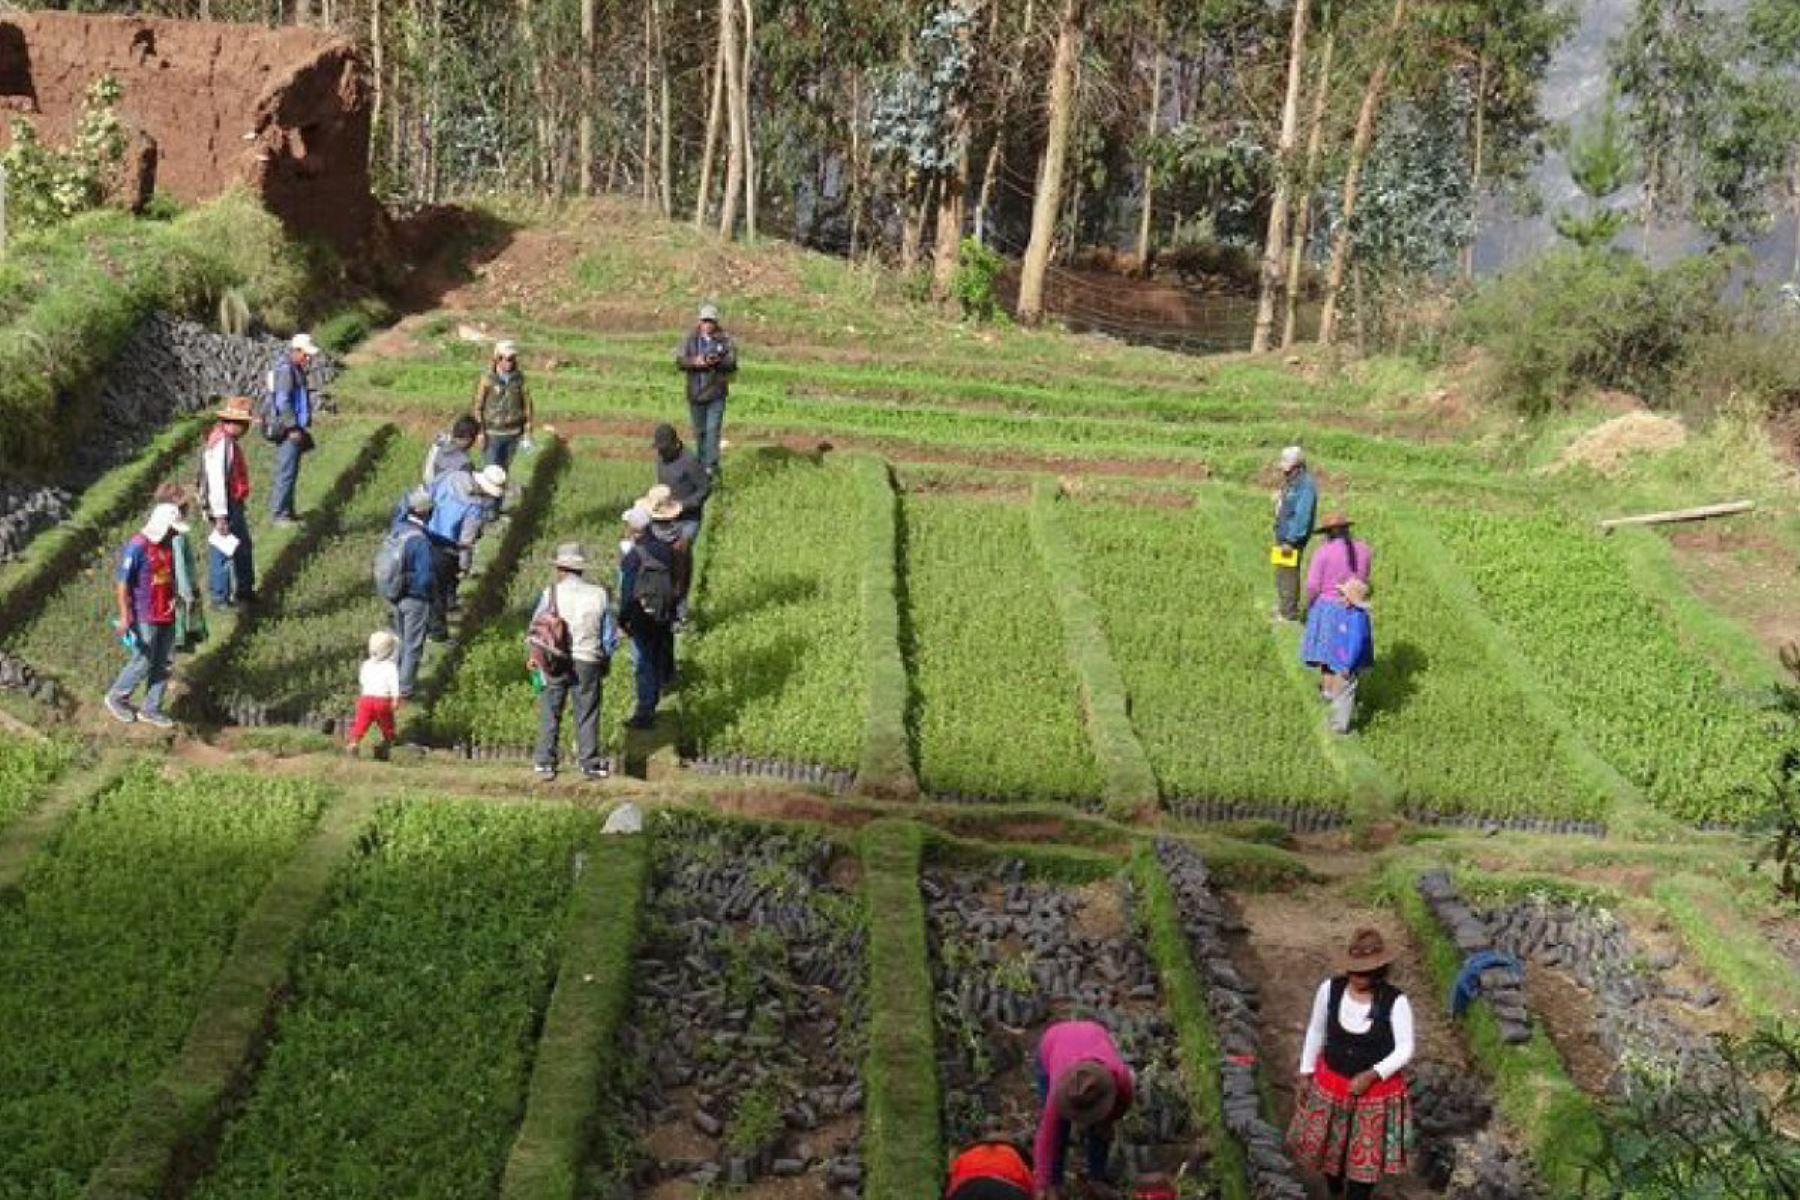 La agricultura fue uno de los sectores más beneficiados con la inversión realizada en Apurímac. ANDINA/Difusión